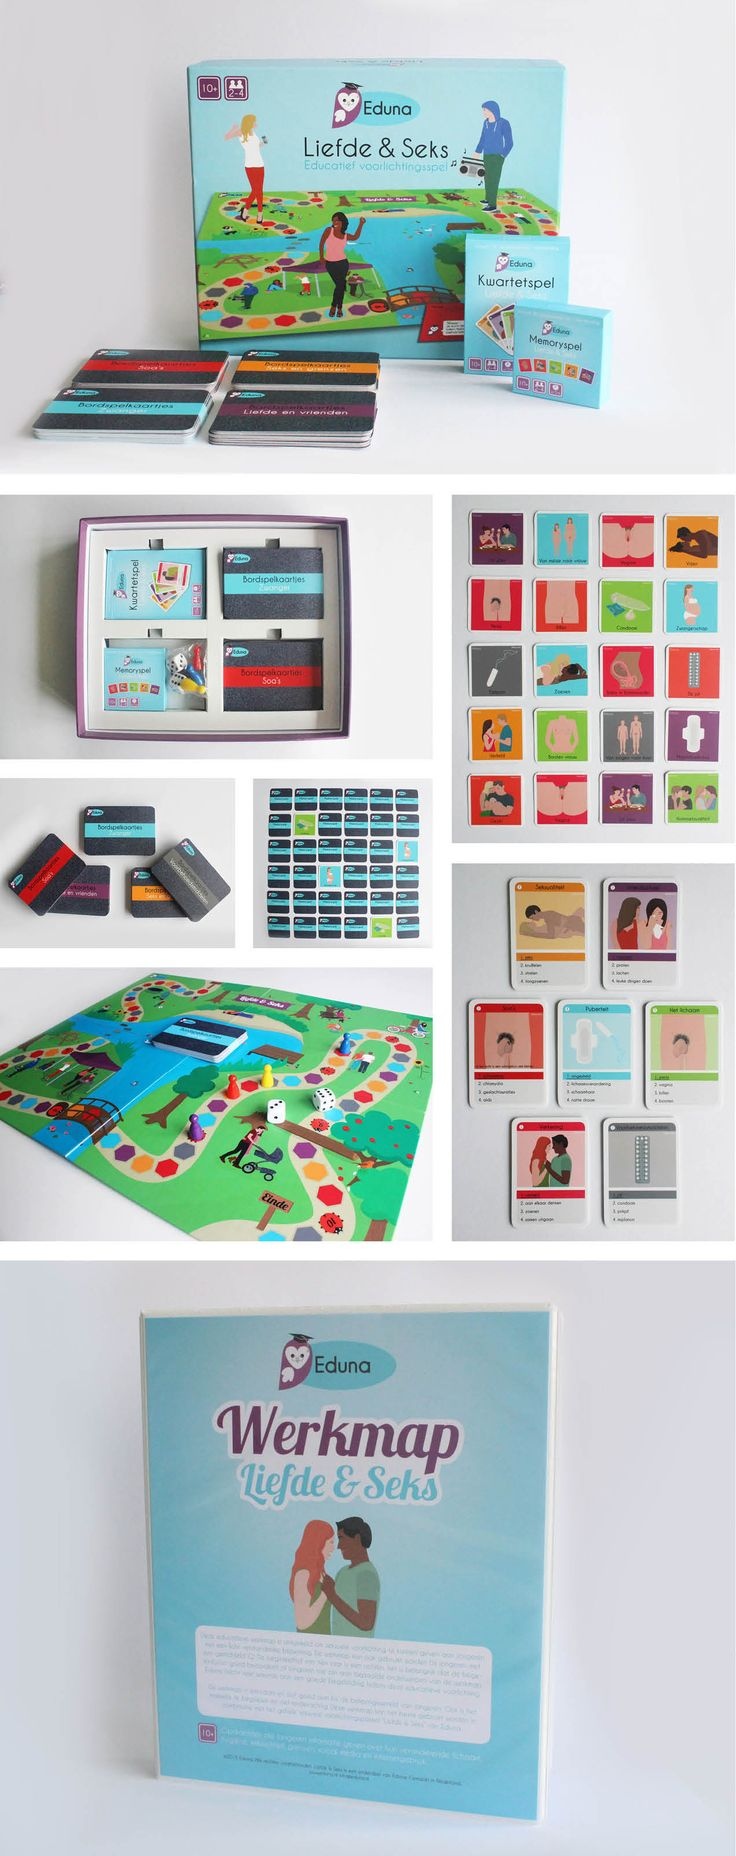 Educatie spel Eduna. Grafisch ontwerp en illustraties van educatief spel seksuele voorlichting en vriendschap. Bordspel, kwartetspel, memoryspel. www.maakvol.nl